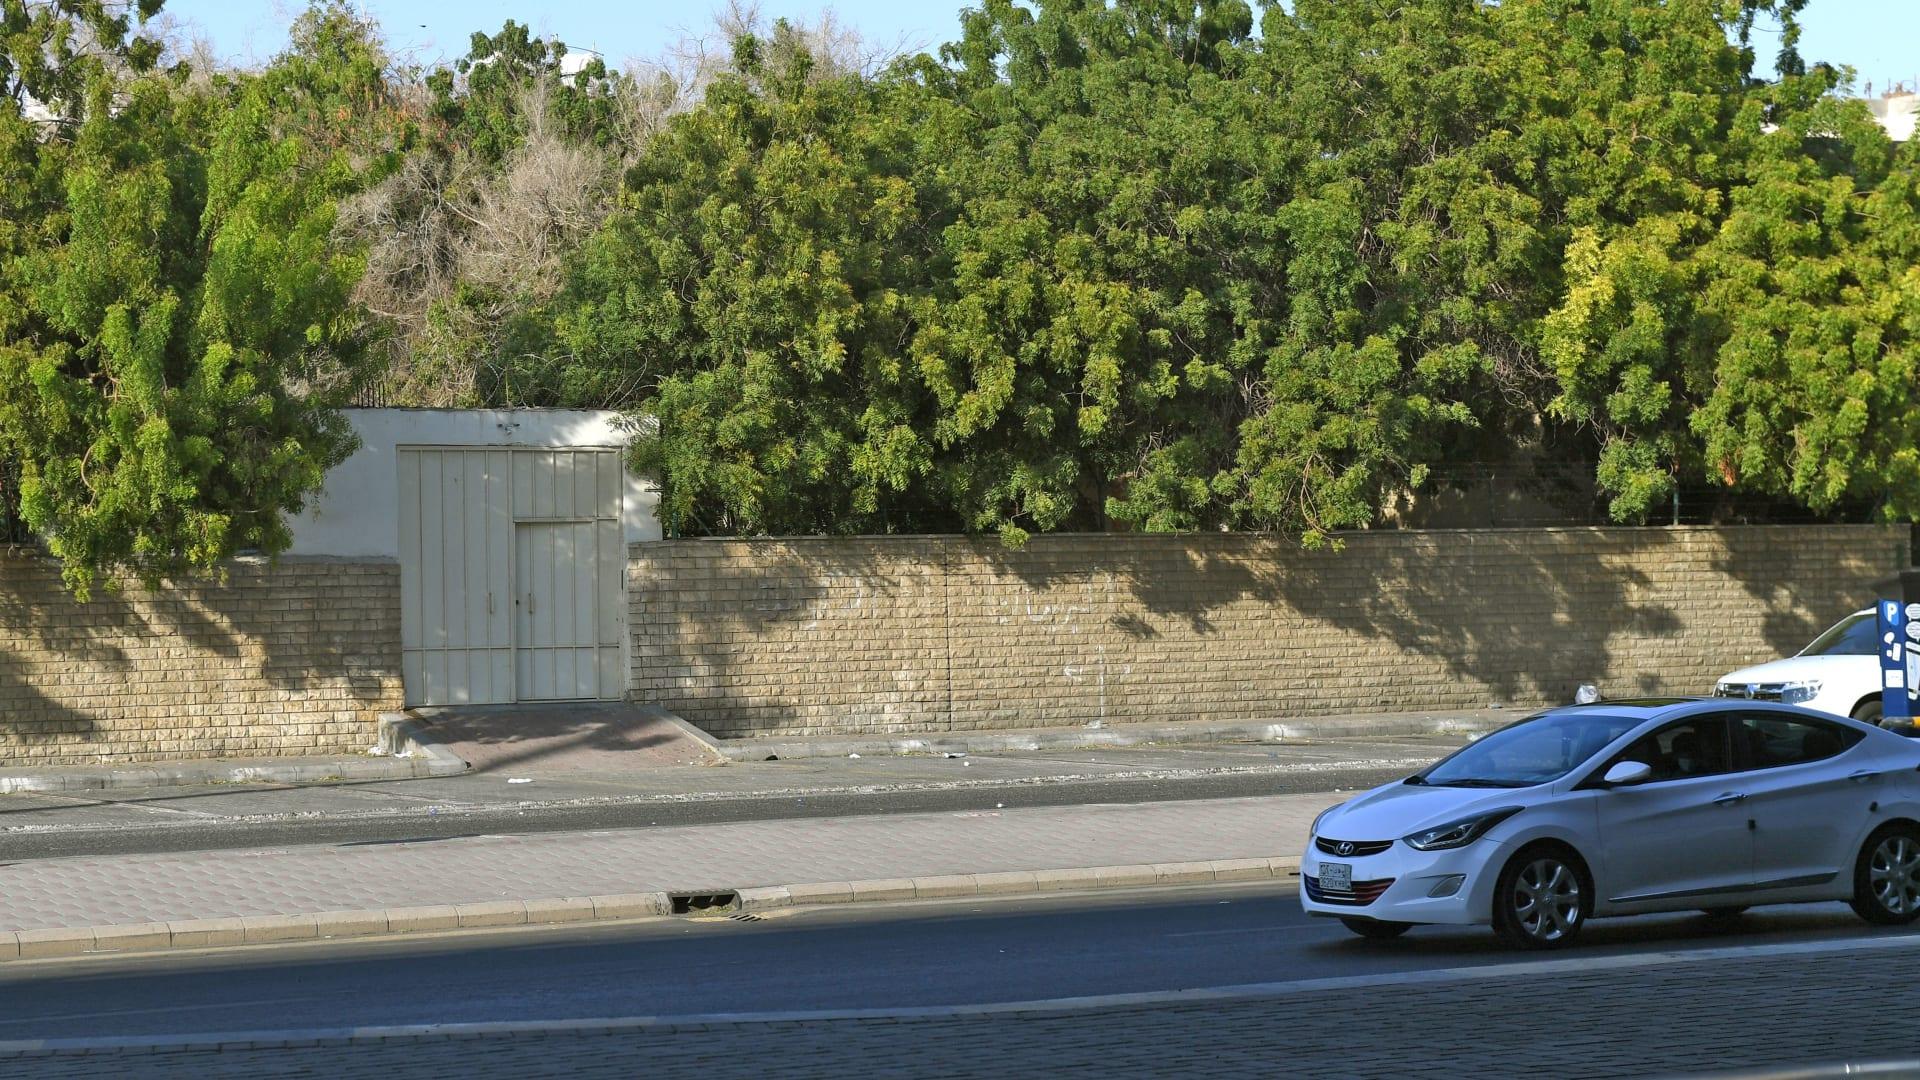 شاهد عيان: انفجار جدة وقع أثناء كلمة القنصل الفرنسي